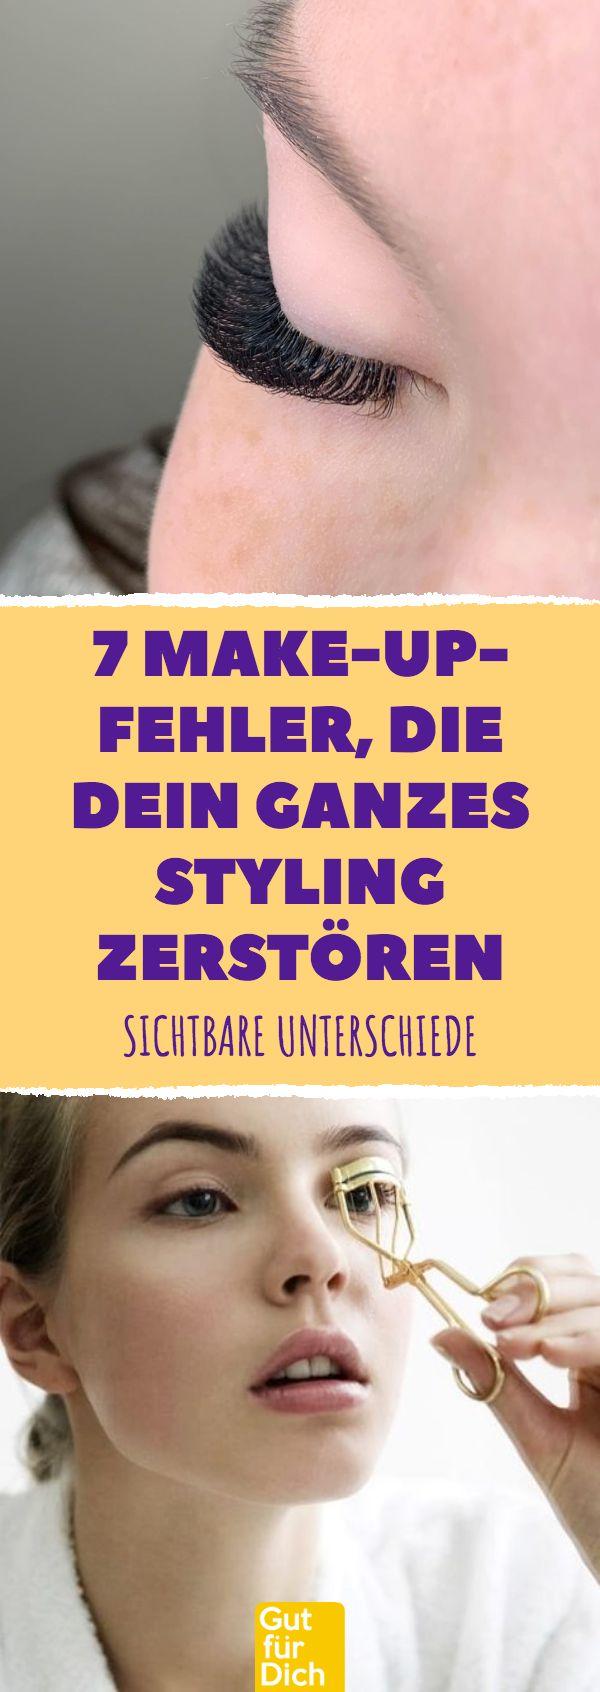 7 Make-up-Fehler, die dein ganzes Styling zerstören